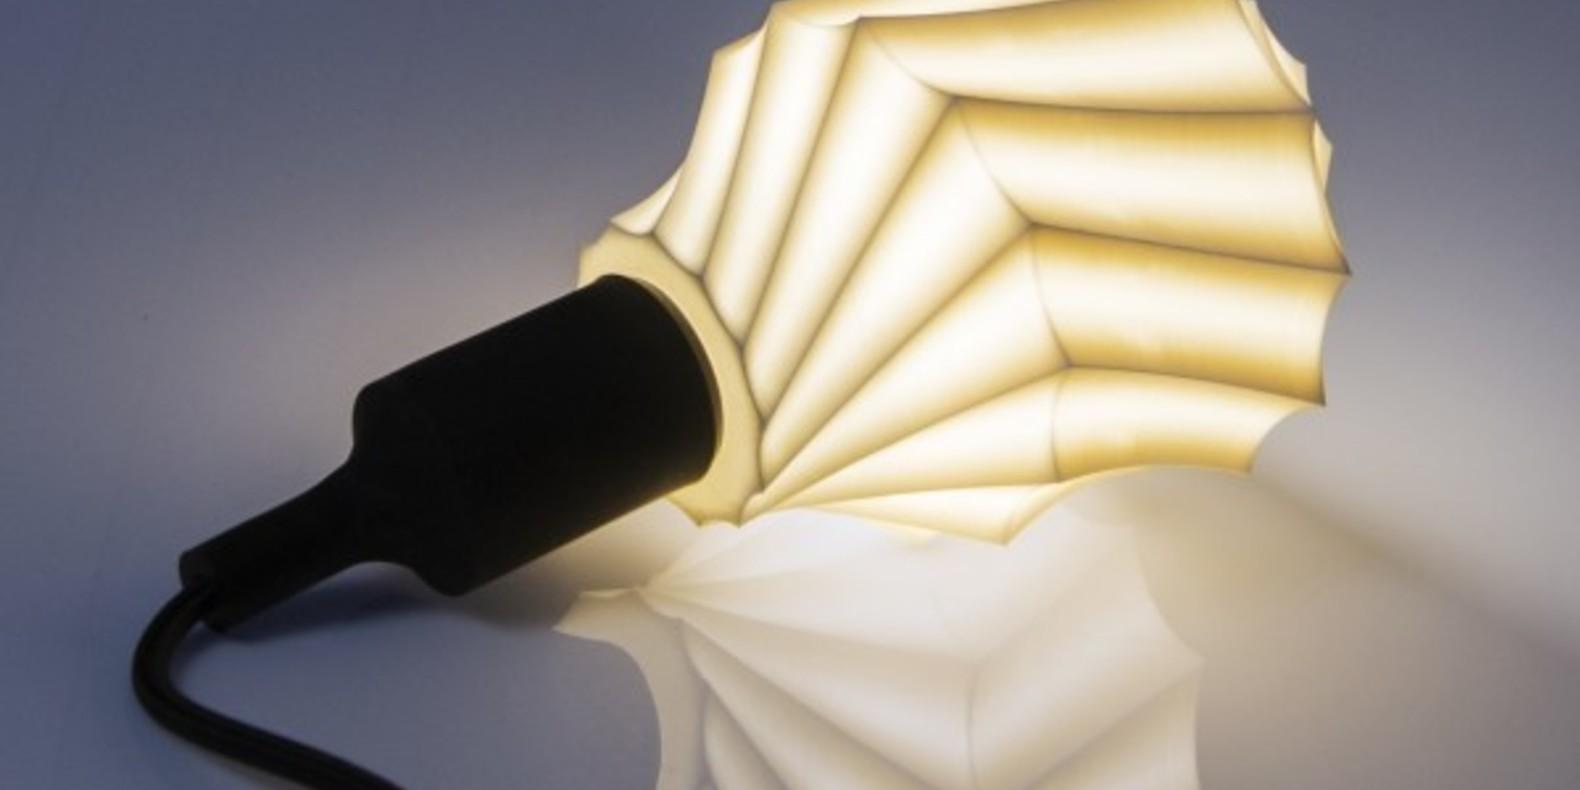 lampe-cults3D-fichier-3D-rem_s-2.jpg